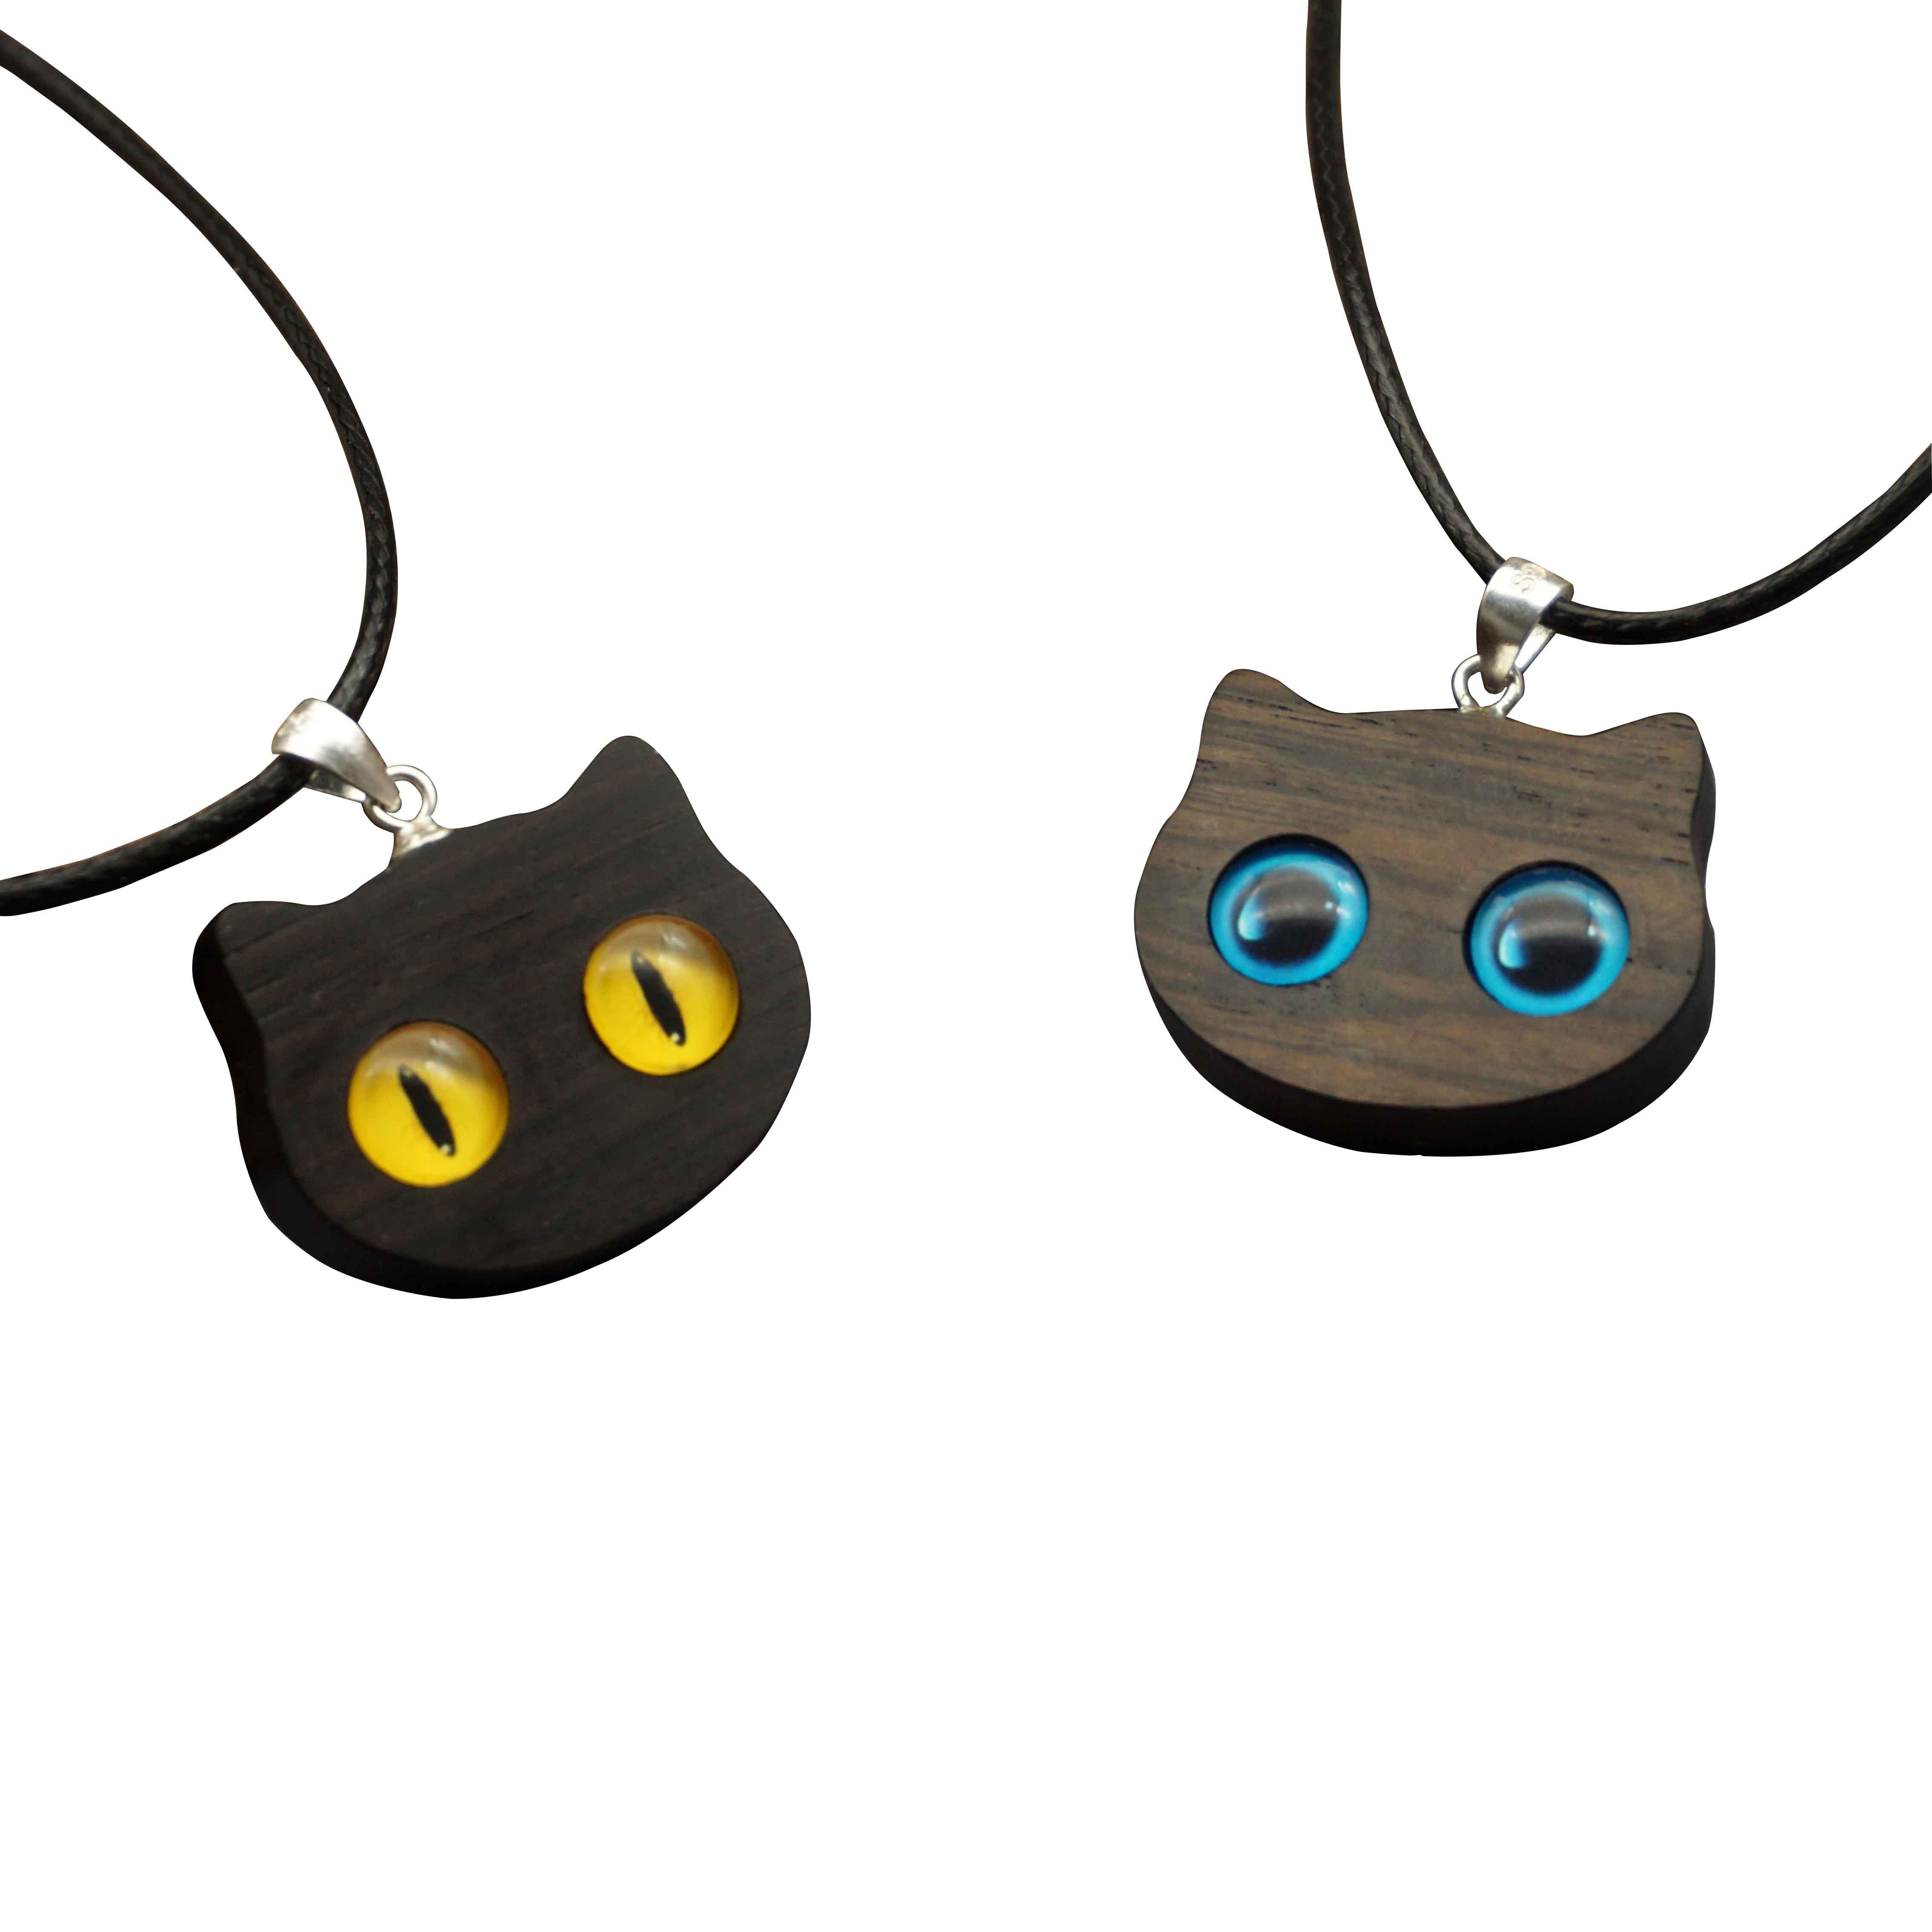 猫吊坠猫眼手工原创项链,送女朋友生日礼物